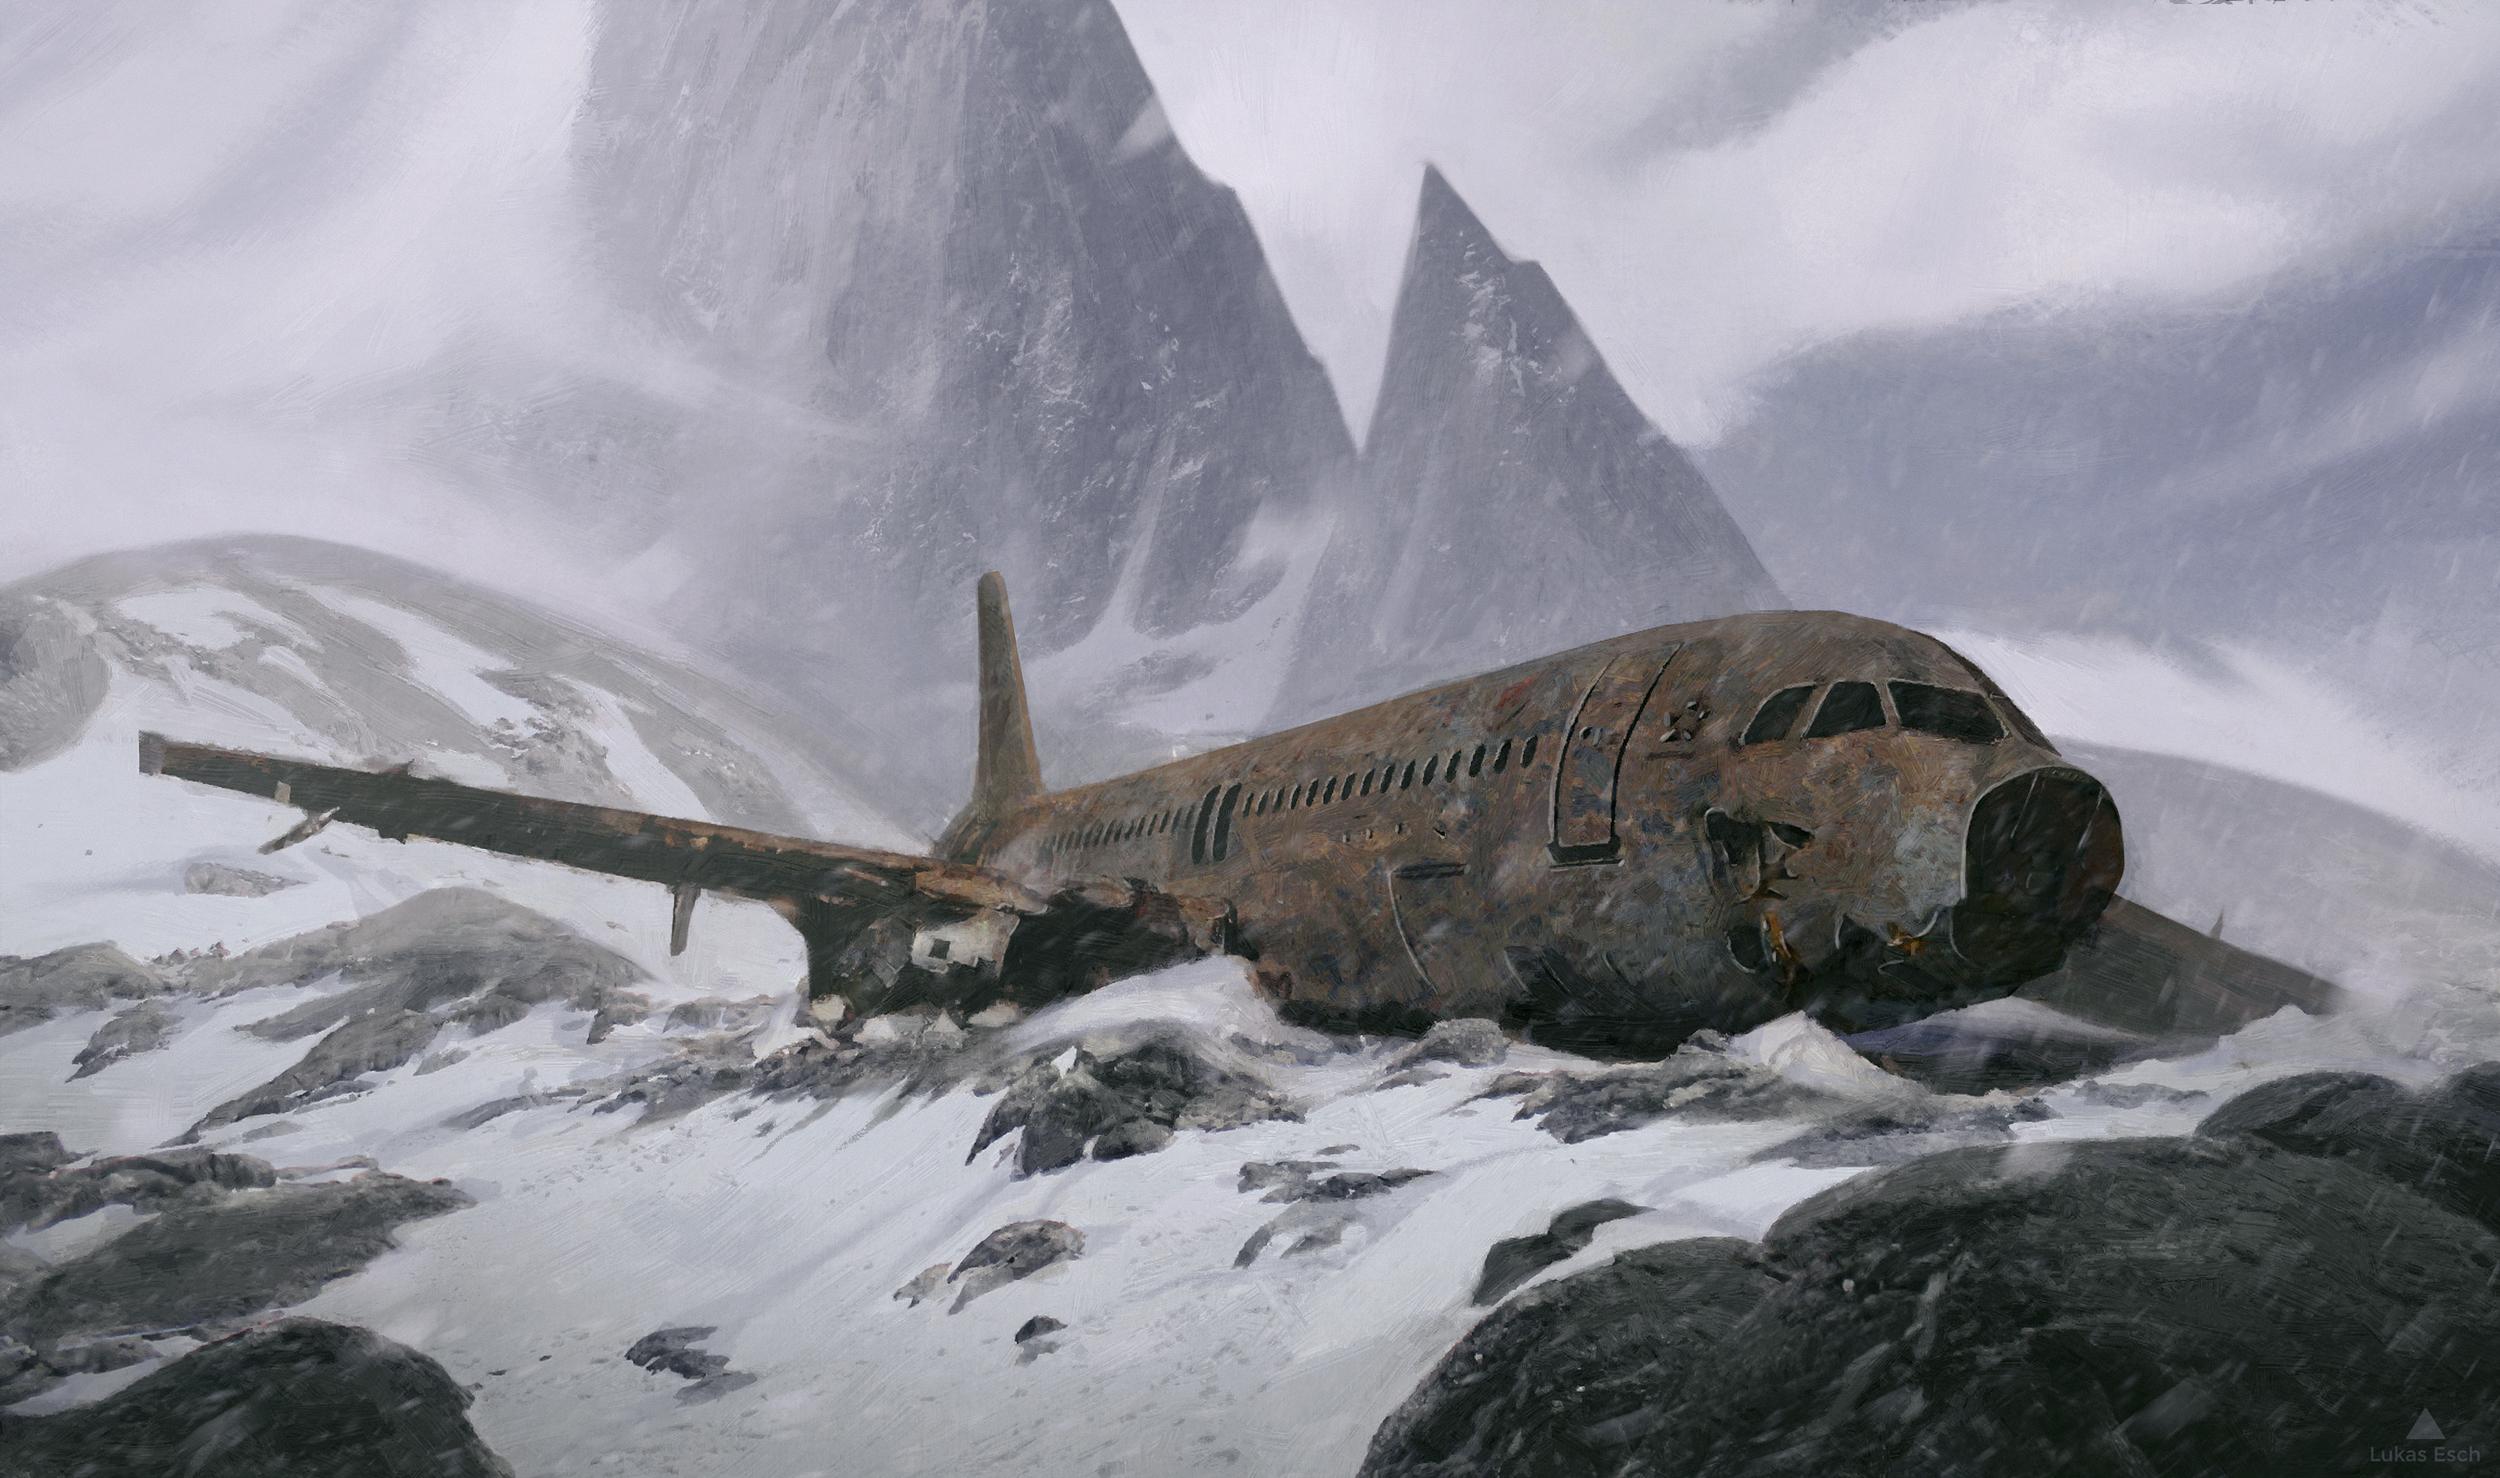 Crashed_Plane_Web.jpg